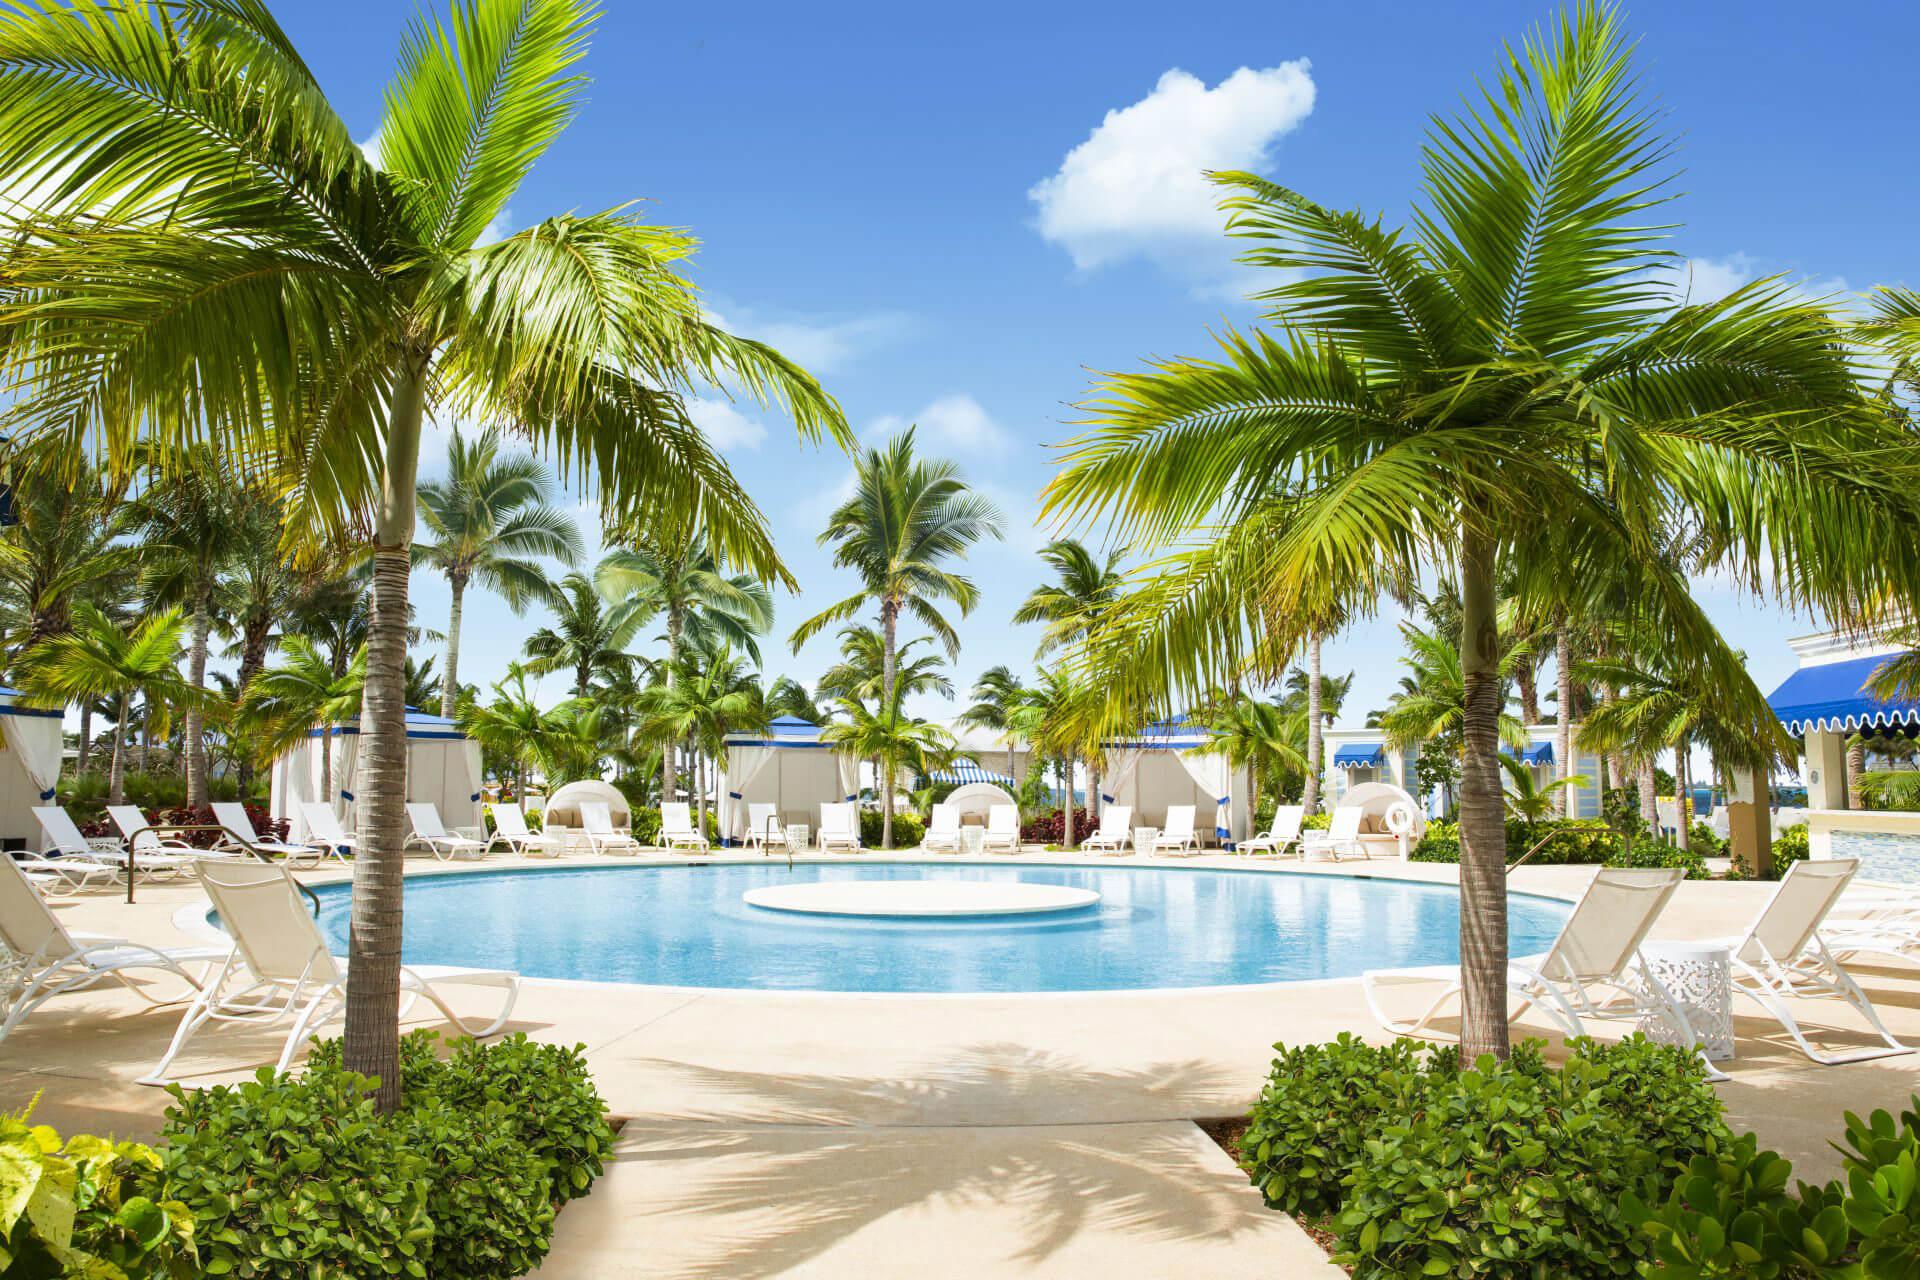 Martin Aquatic designed the resort pool at Baha Mar